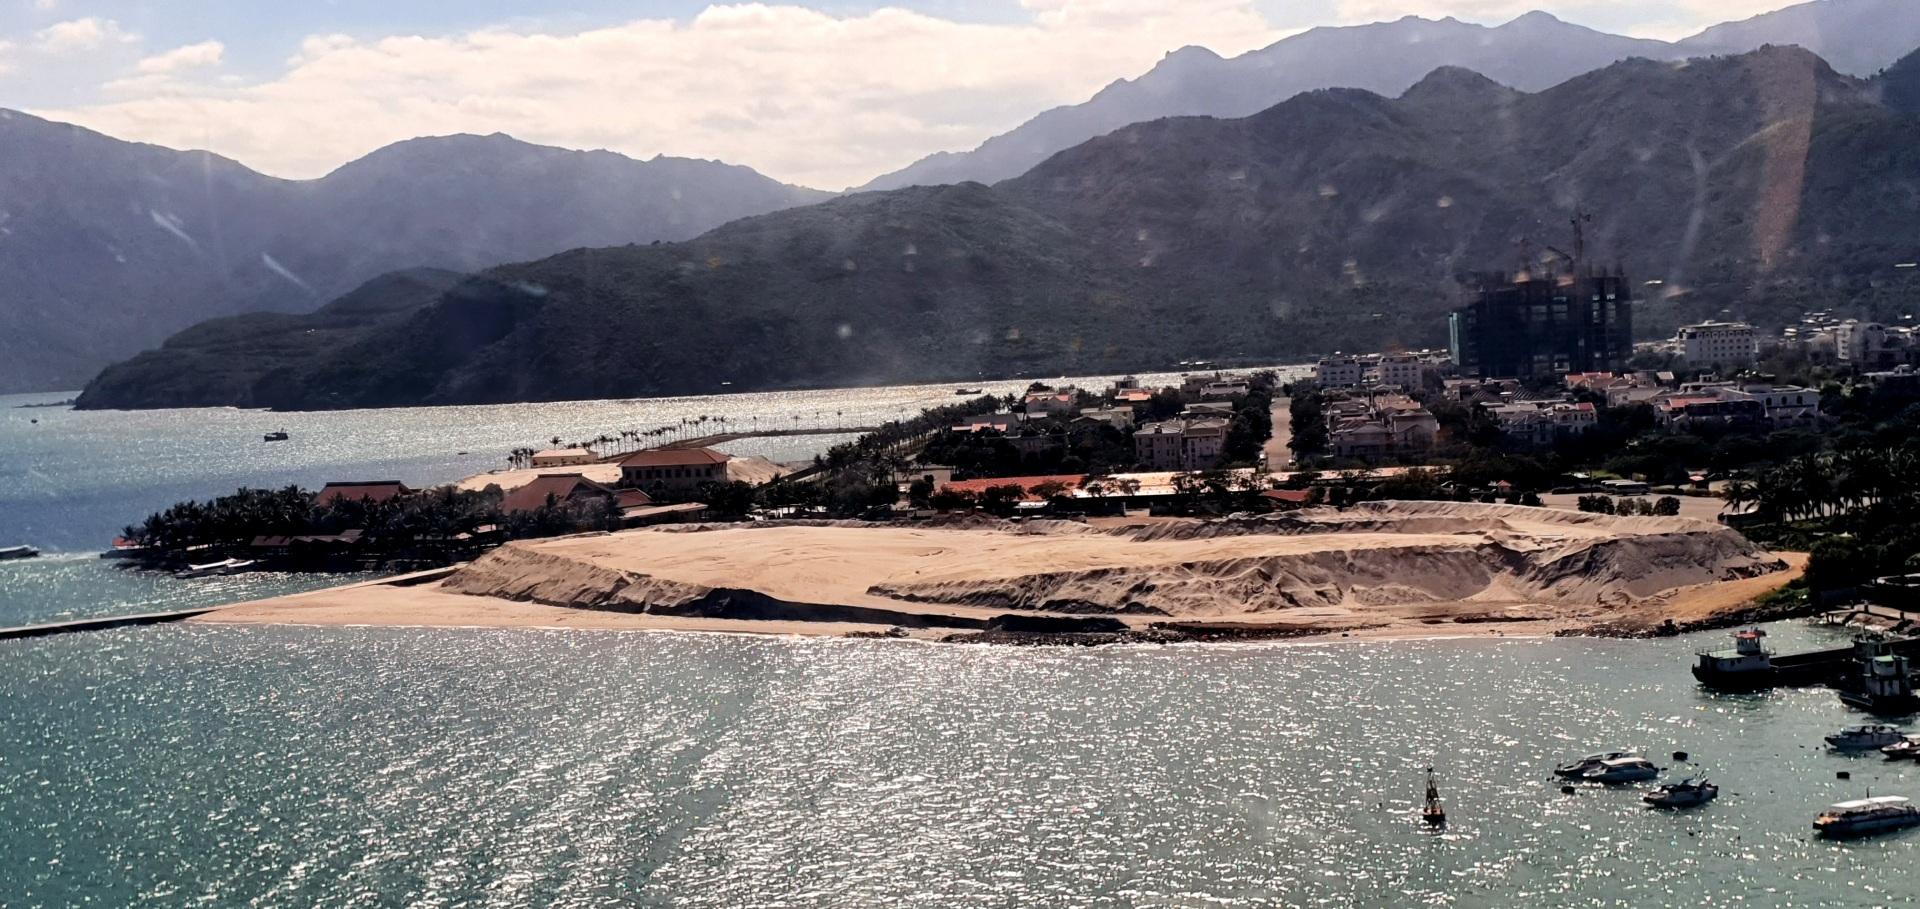 Nha Trang - Khánh Hòa: Việc khai thác cát sỏi lòng sông tại khu vực Sông Tắc - Hòn Rớ mà không thông qua đấu giá, đấu thầu, khiến dư luận hoài nghi (Kỳ 1)